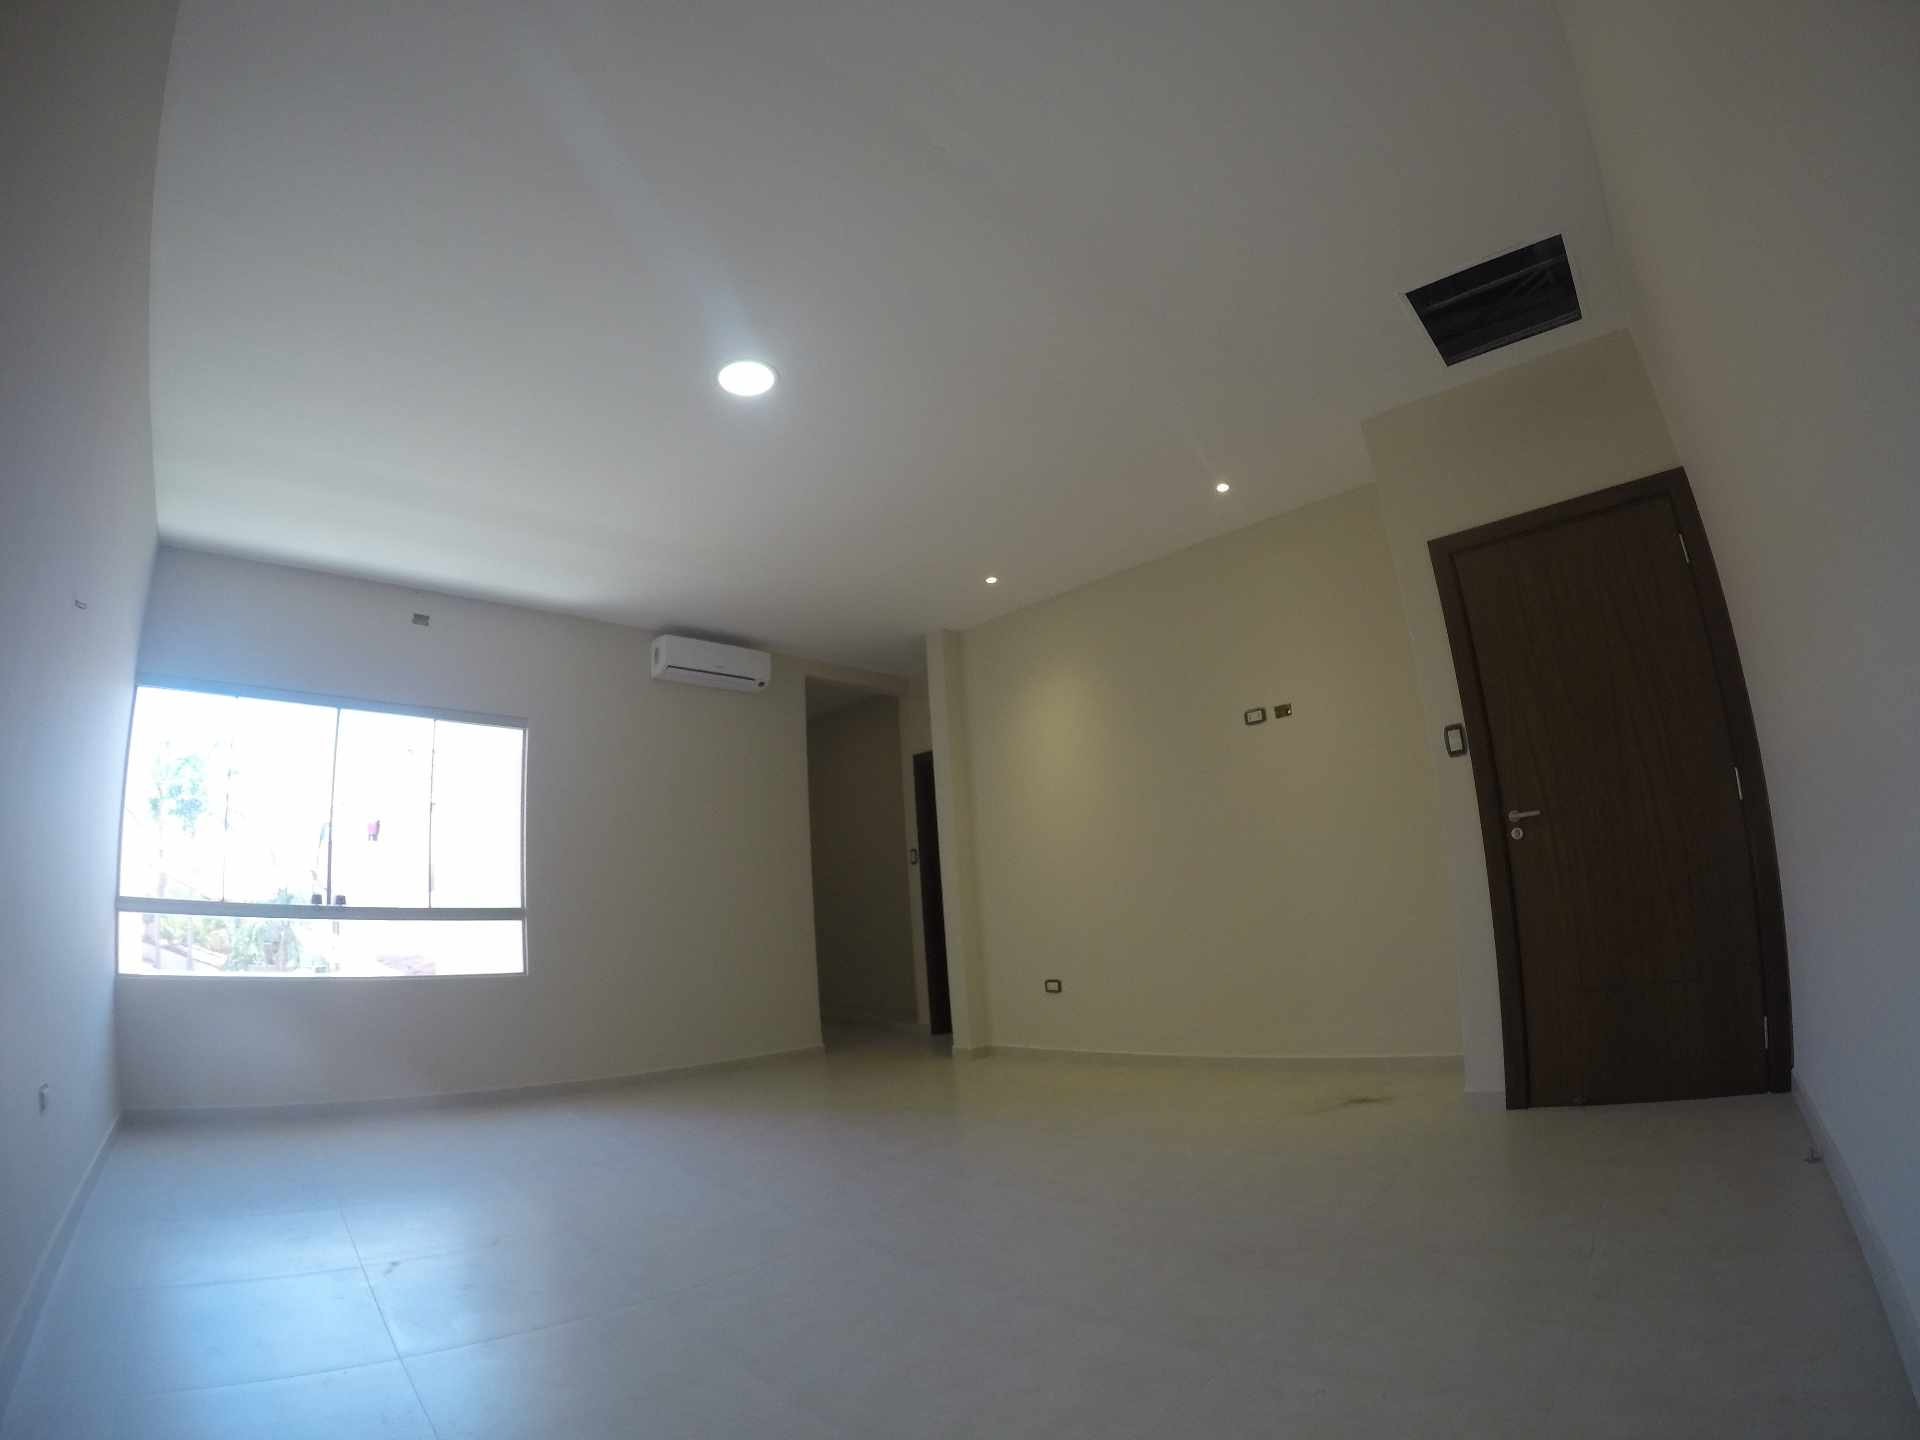 Casa en Alquiler Casa independiente en alquiler a estrenar, próximo a Parque Los Mangales II [Av. Beni y 4to. Anillo], De 3 plantas, 3 dormitorios (2 en suite), con dependencias. [1000$us.] Foto 6